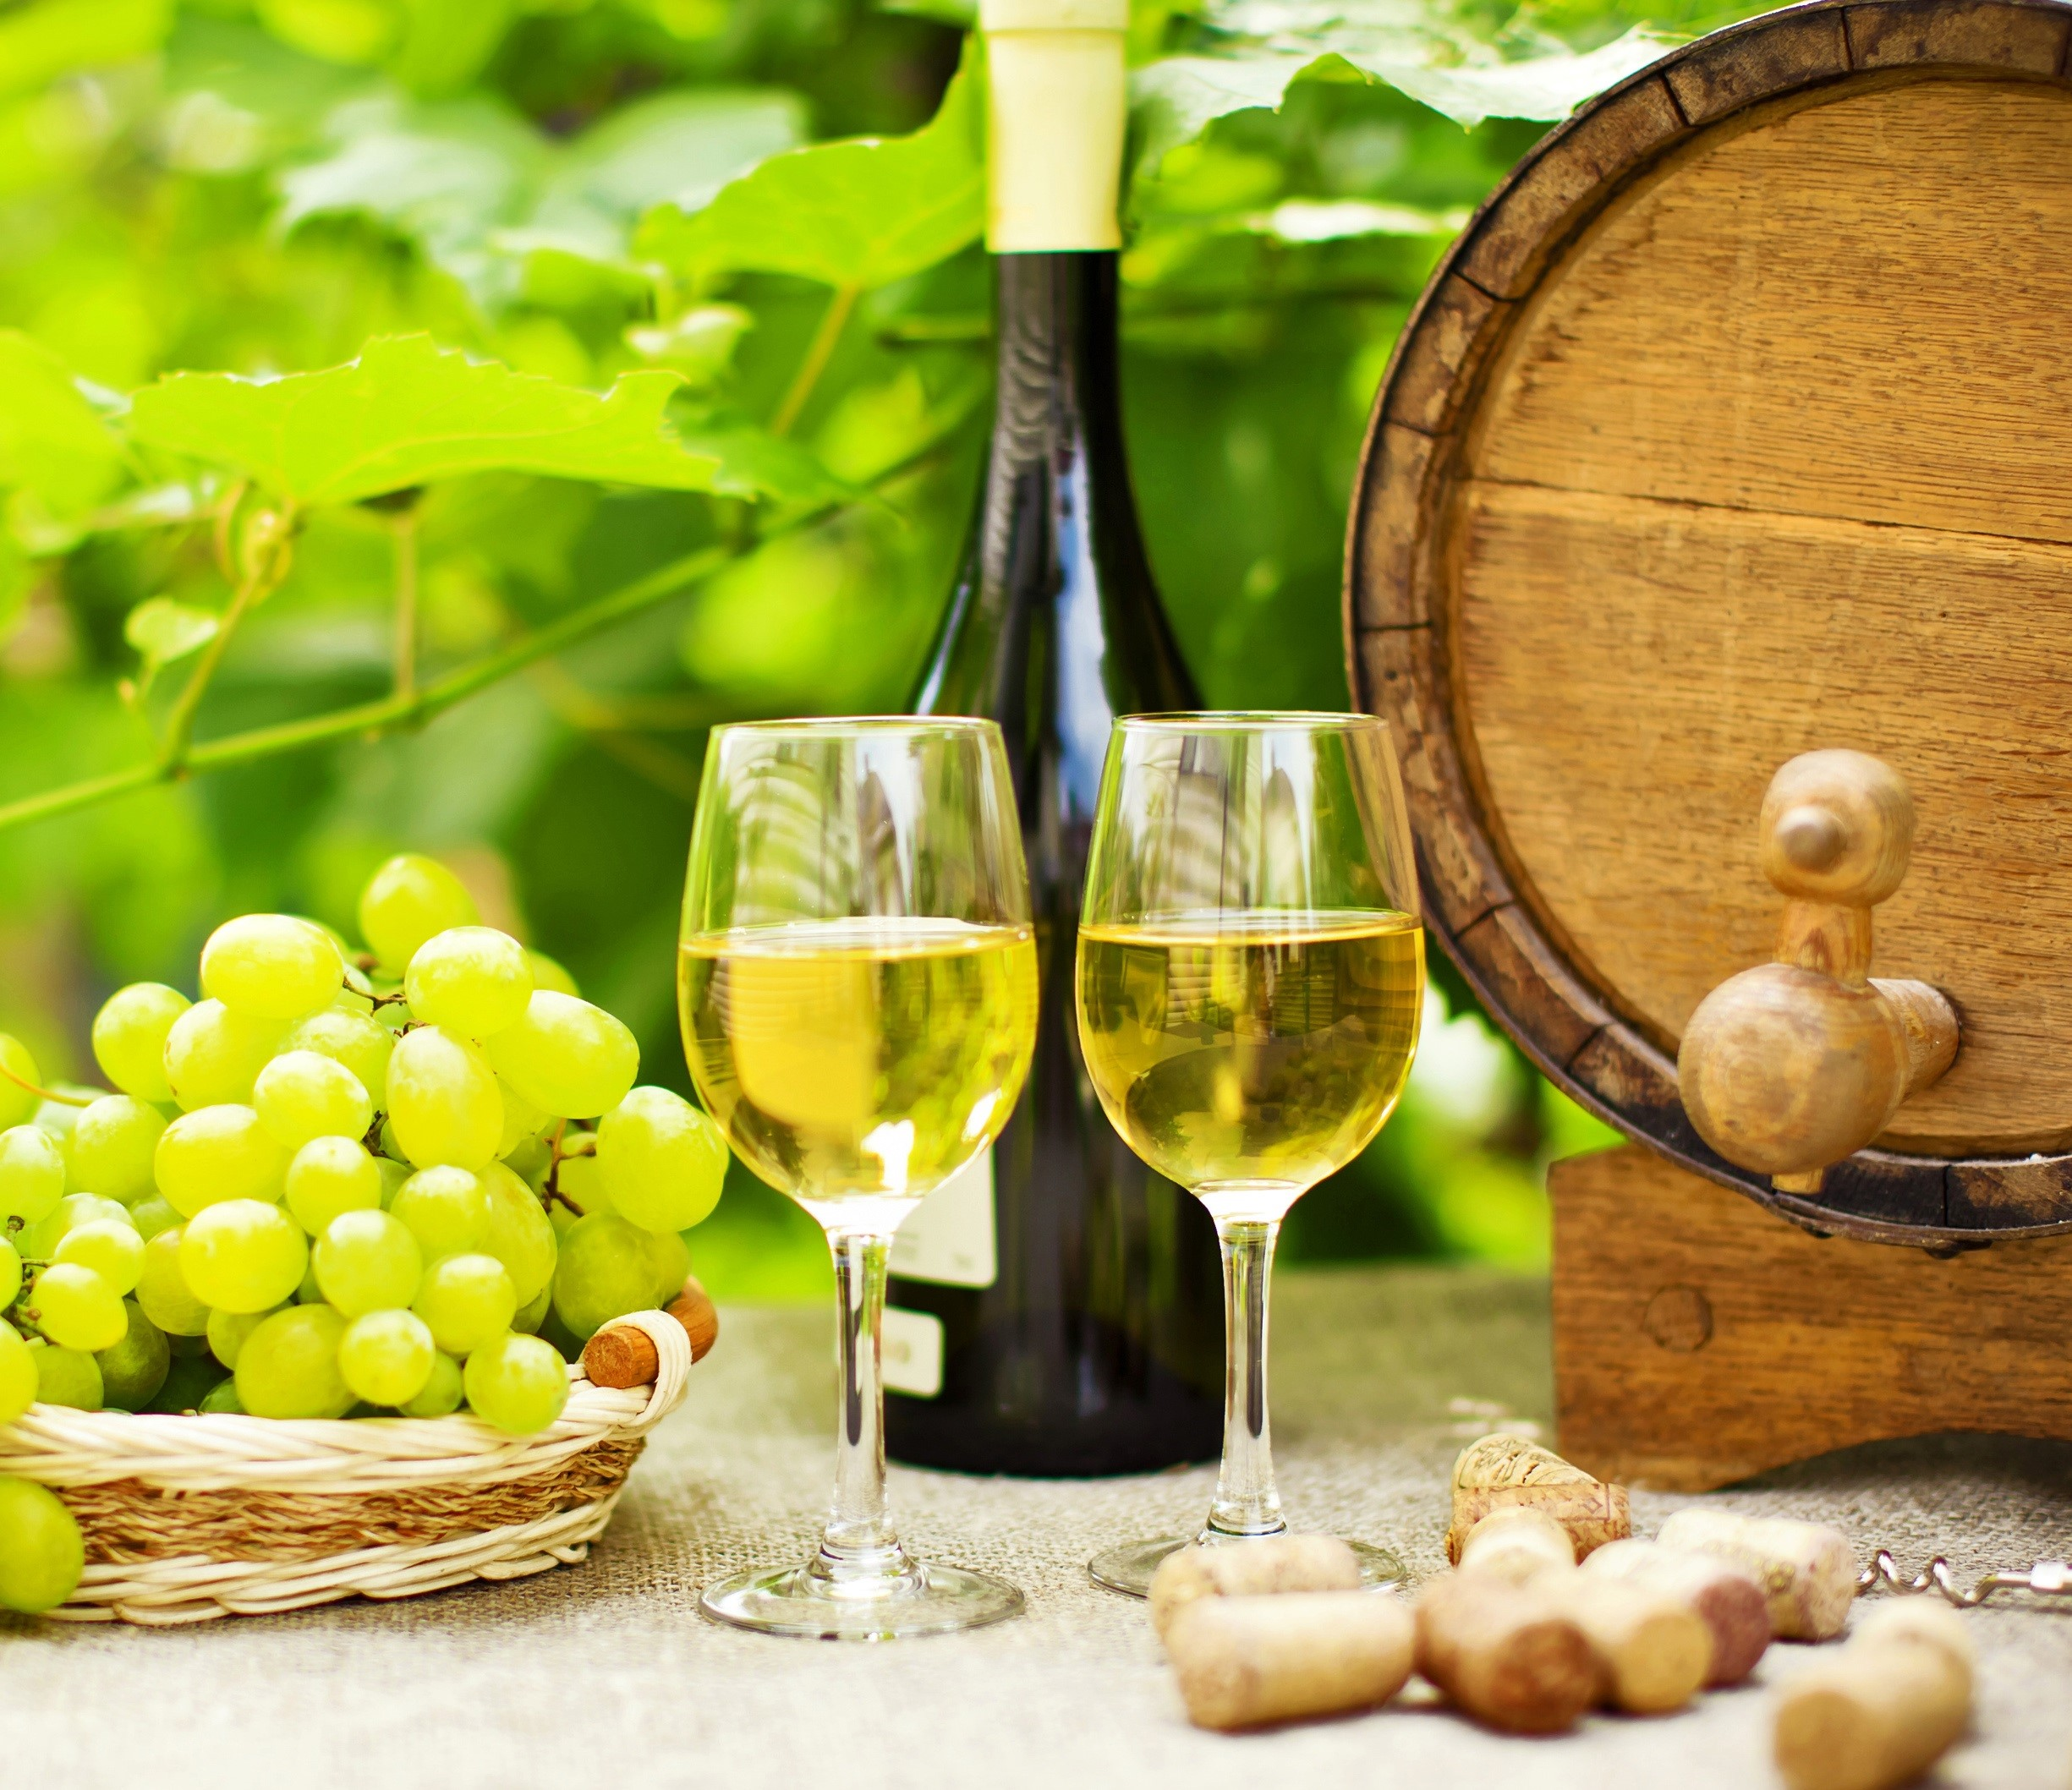 Curso de Viticultura, enología y cata